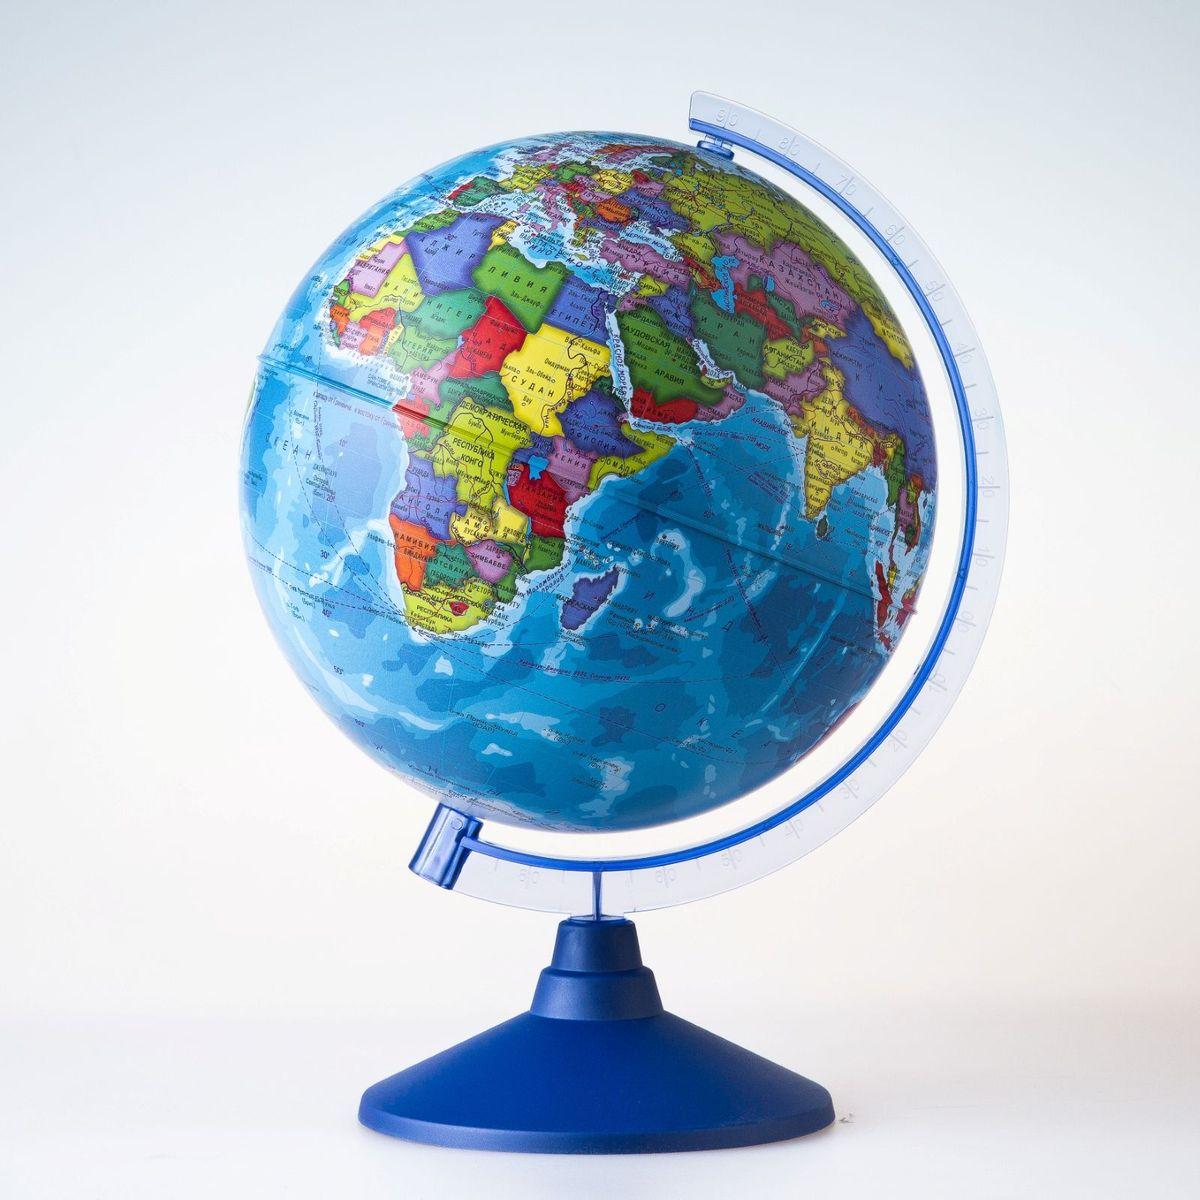 Глобен Глобус политический Классик Евро диаметр 25 см1072906Глобус для всех, глобус каждому!Глобус — самый простой способ привить ребенку любовь к географии. Он является отличным наглядным примером, который способен в игровой доступной и понятной форме объяснить понятия о планете Земля.Также интерес к глобусам проявляют не только детки, но и взрослые. Для многих уменьшенная копия планеты заменяет атлас мира из-за своей доступности и универсальности.Умный подарок! Кому принято дарить глобусы? Всем! Глобус политический диаметр 250мм Классик Евро — это уменьшенная копия земного шара, в которой каждый найдет для себя что-то свое.путешественники и заядлые туристы смогут отмечать с помощью стикеров те места, в которых побывали или собираются их посетитьделовые и успешные люди оценят такой подарок по достоинству, потому что глобус ассоциируется со статусом и властьюпреподаватели, ученые, студенты или просто неординарные личности также найдут для глобуса достойное место в своем доме.Итак, спешите заказать настольные глобусы в нашем интернет-магазине по привлекательным ценам, и помните, кто владеет глобусом, тот владеет миром!